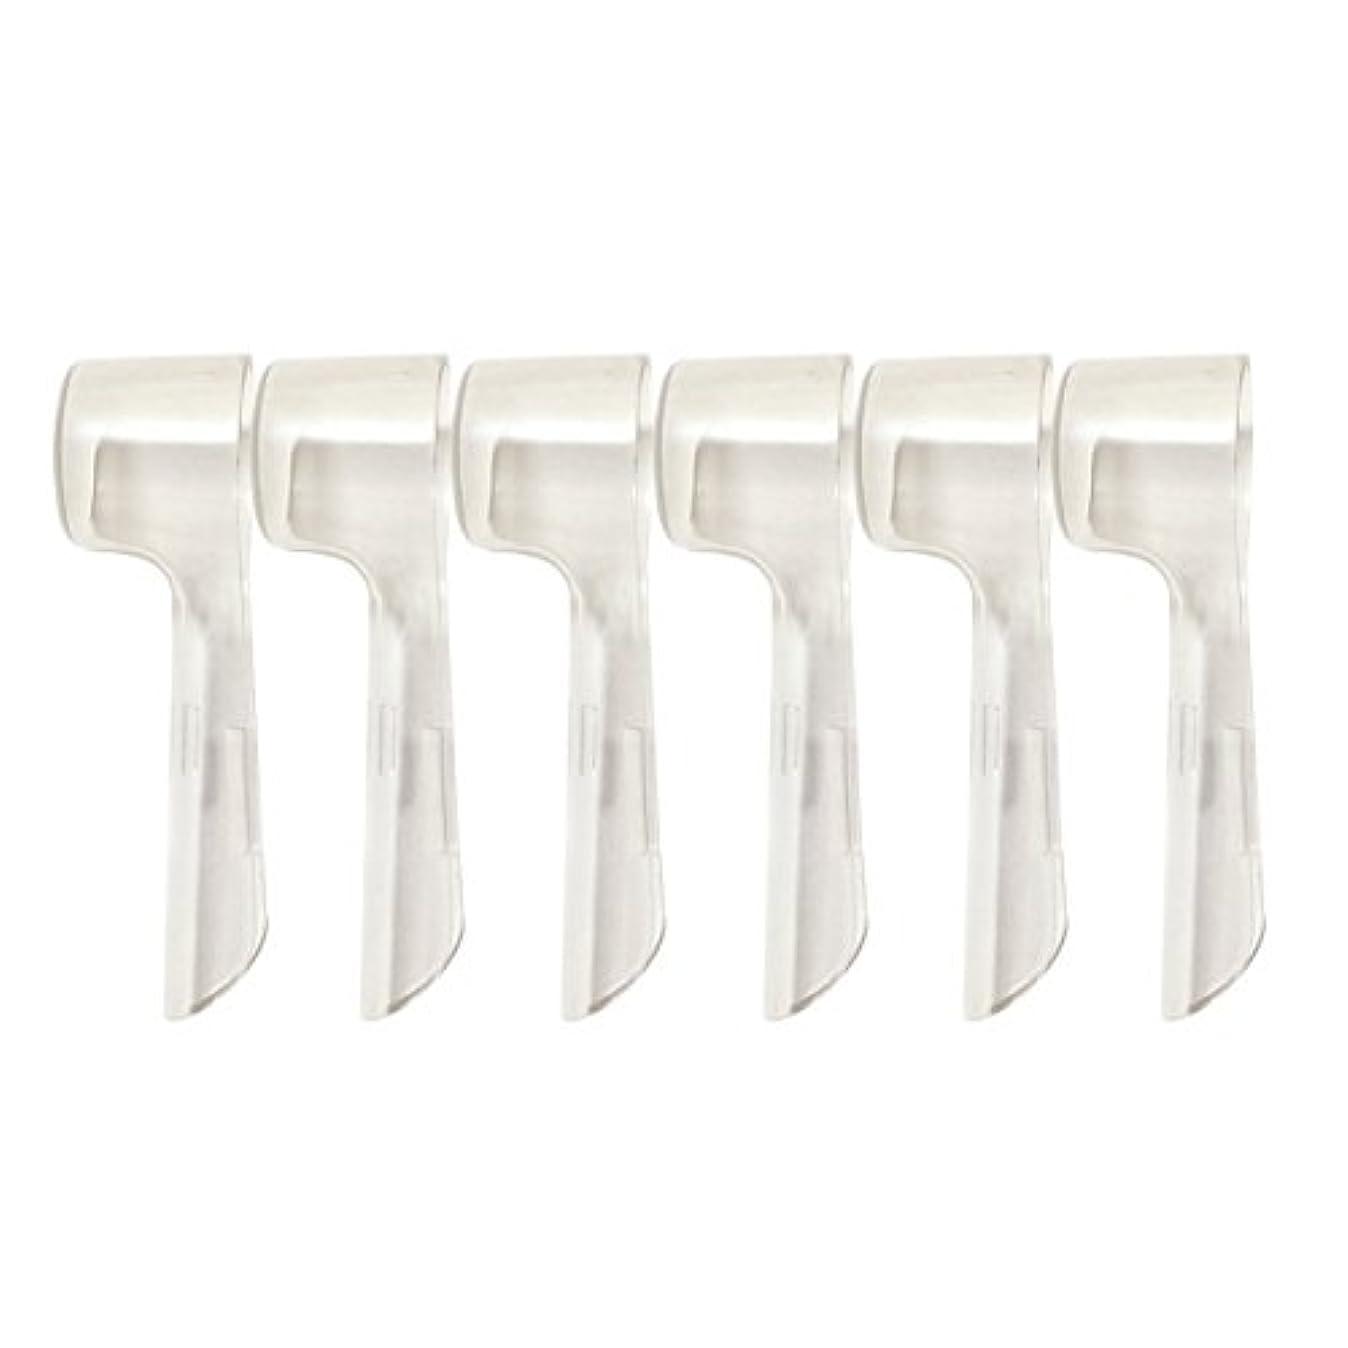 容疑者先にマガジンSUPVOX 旅行のために便利な電動歯ブラシのための6本の歯ブラシヘッドカバー